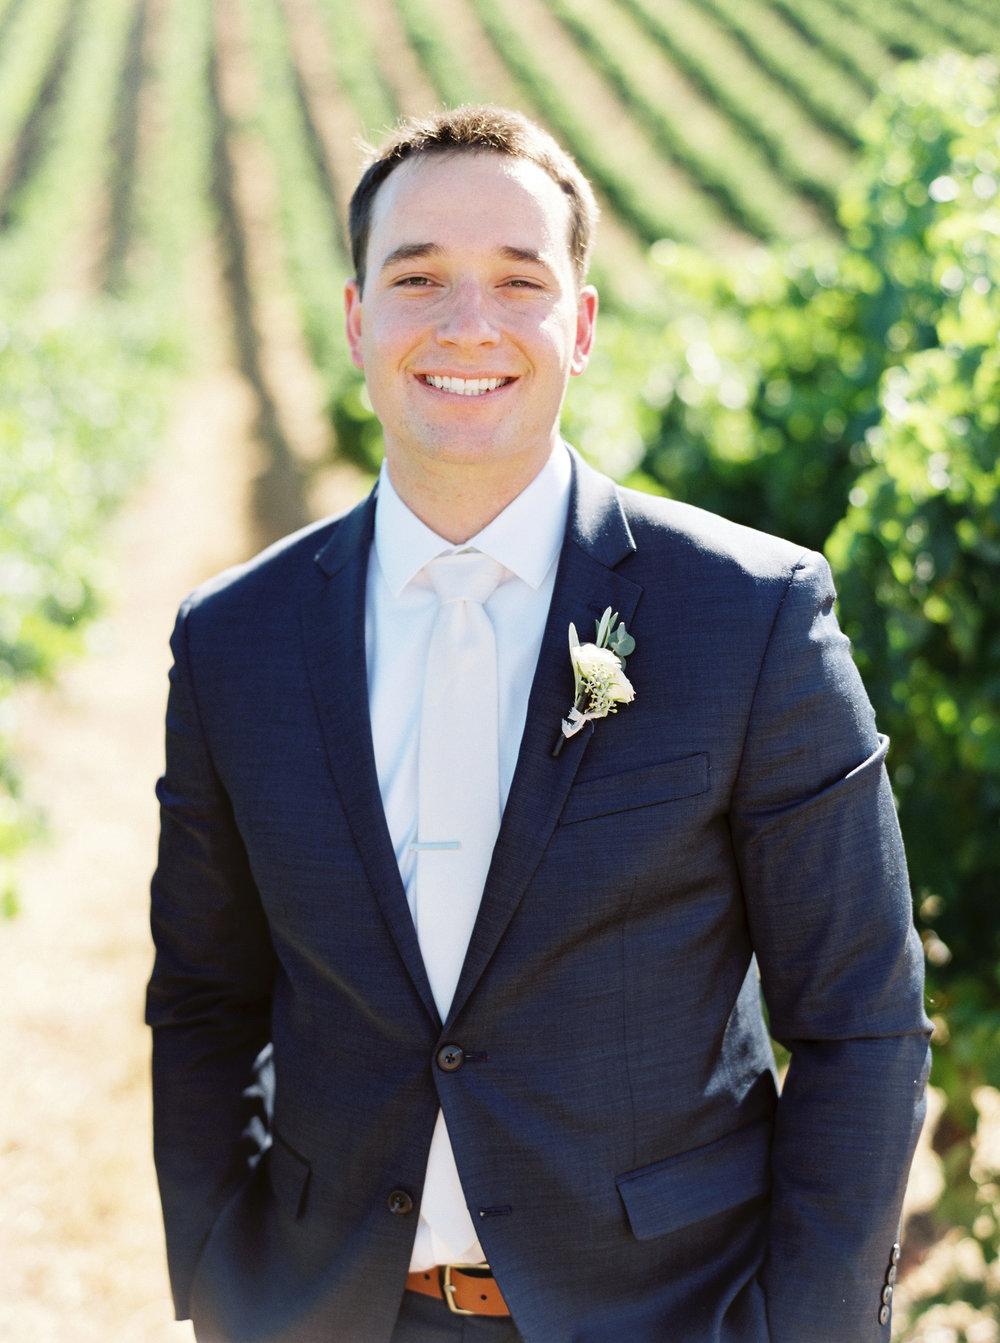 muriettas-well-wedding-in-livermore-california-136.jpg